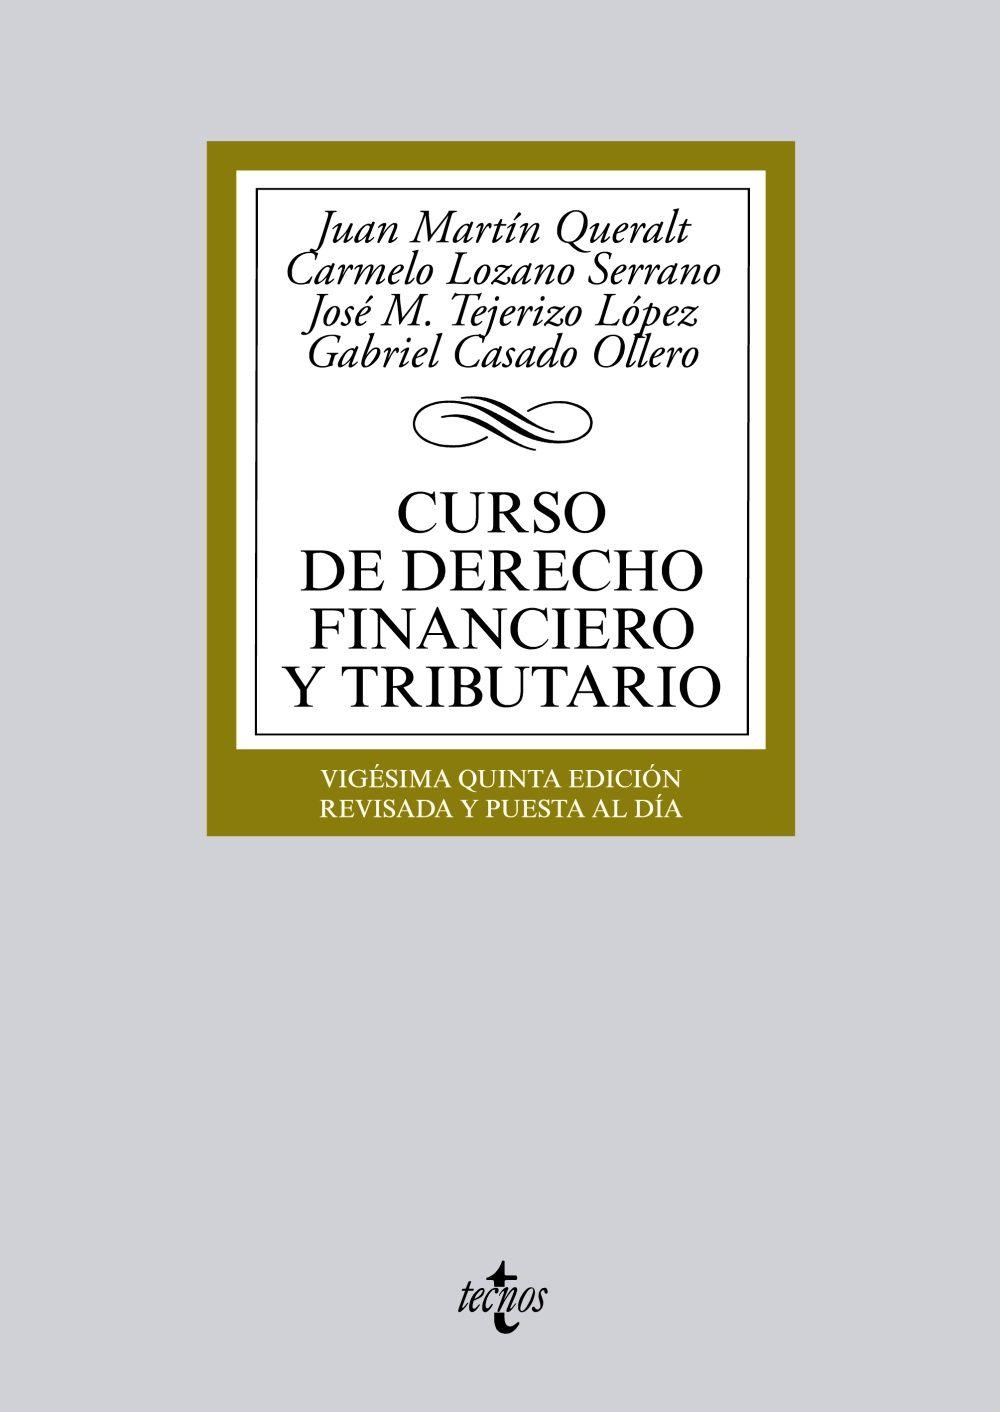 Curso de derecho financiero y tributario / Juan Martín Queralt .    25ª ed., rev. y puesta al día.   Tecnos, 2014